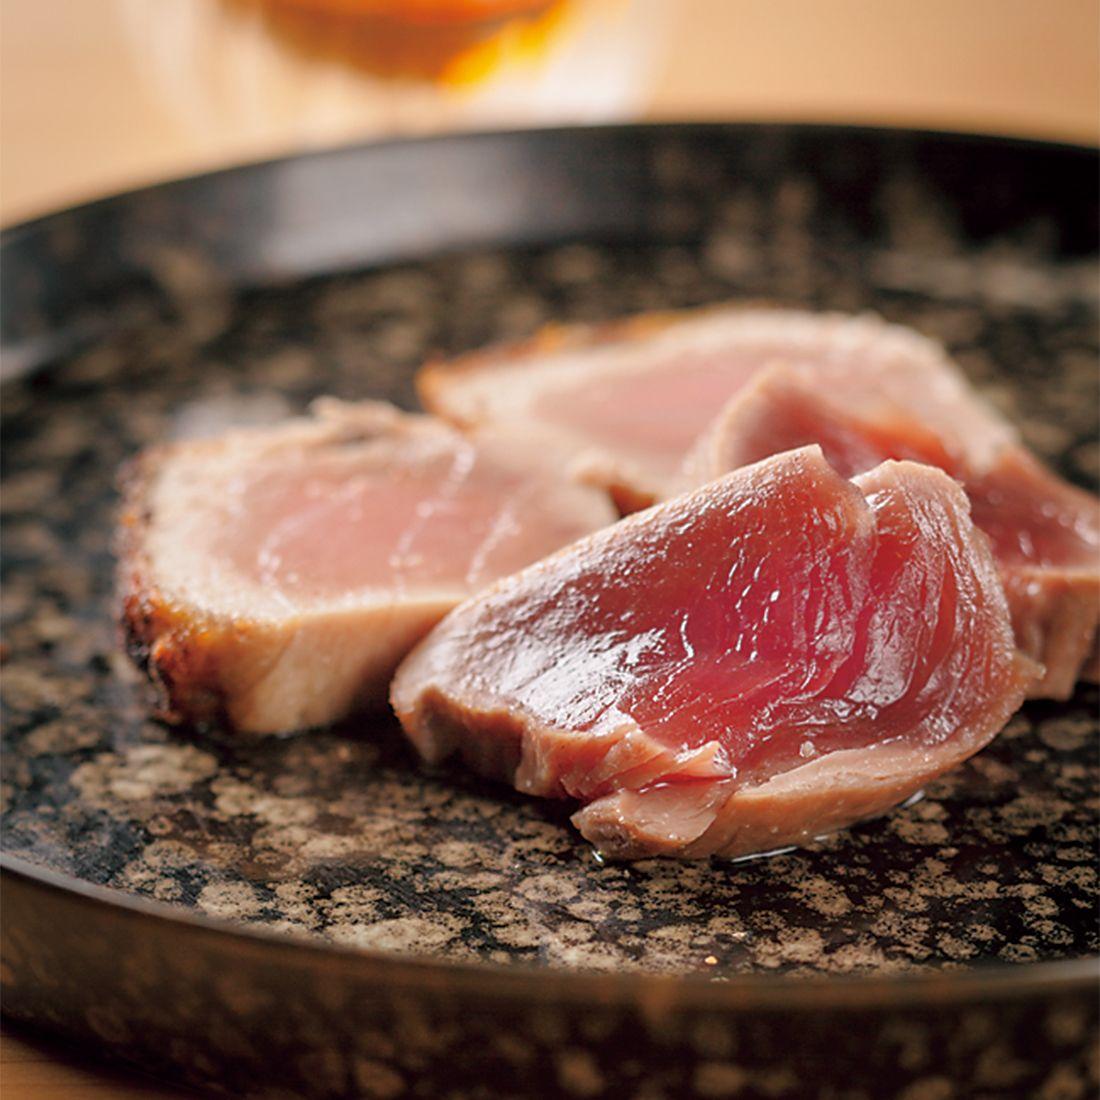 メジマグロの背と腹が人肌に温めた皿で供される。